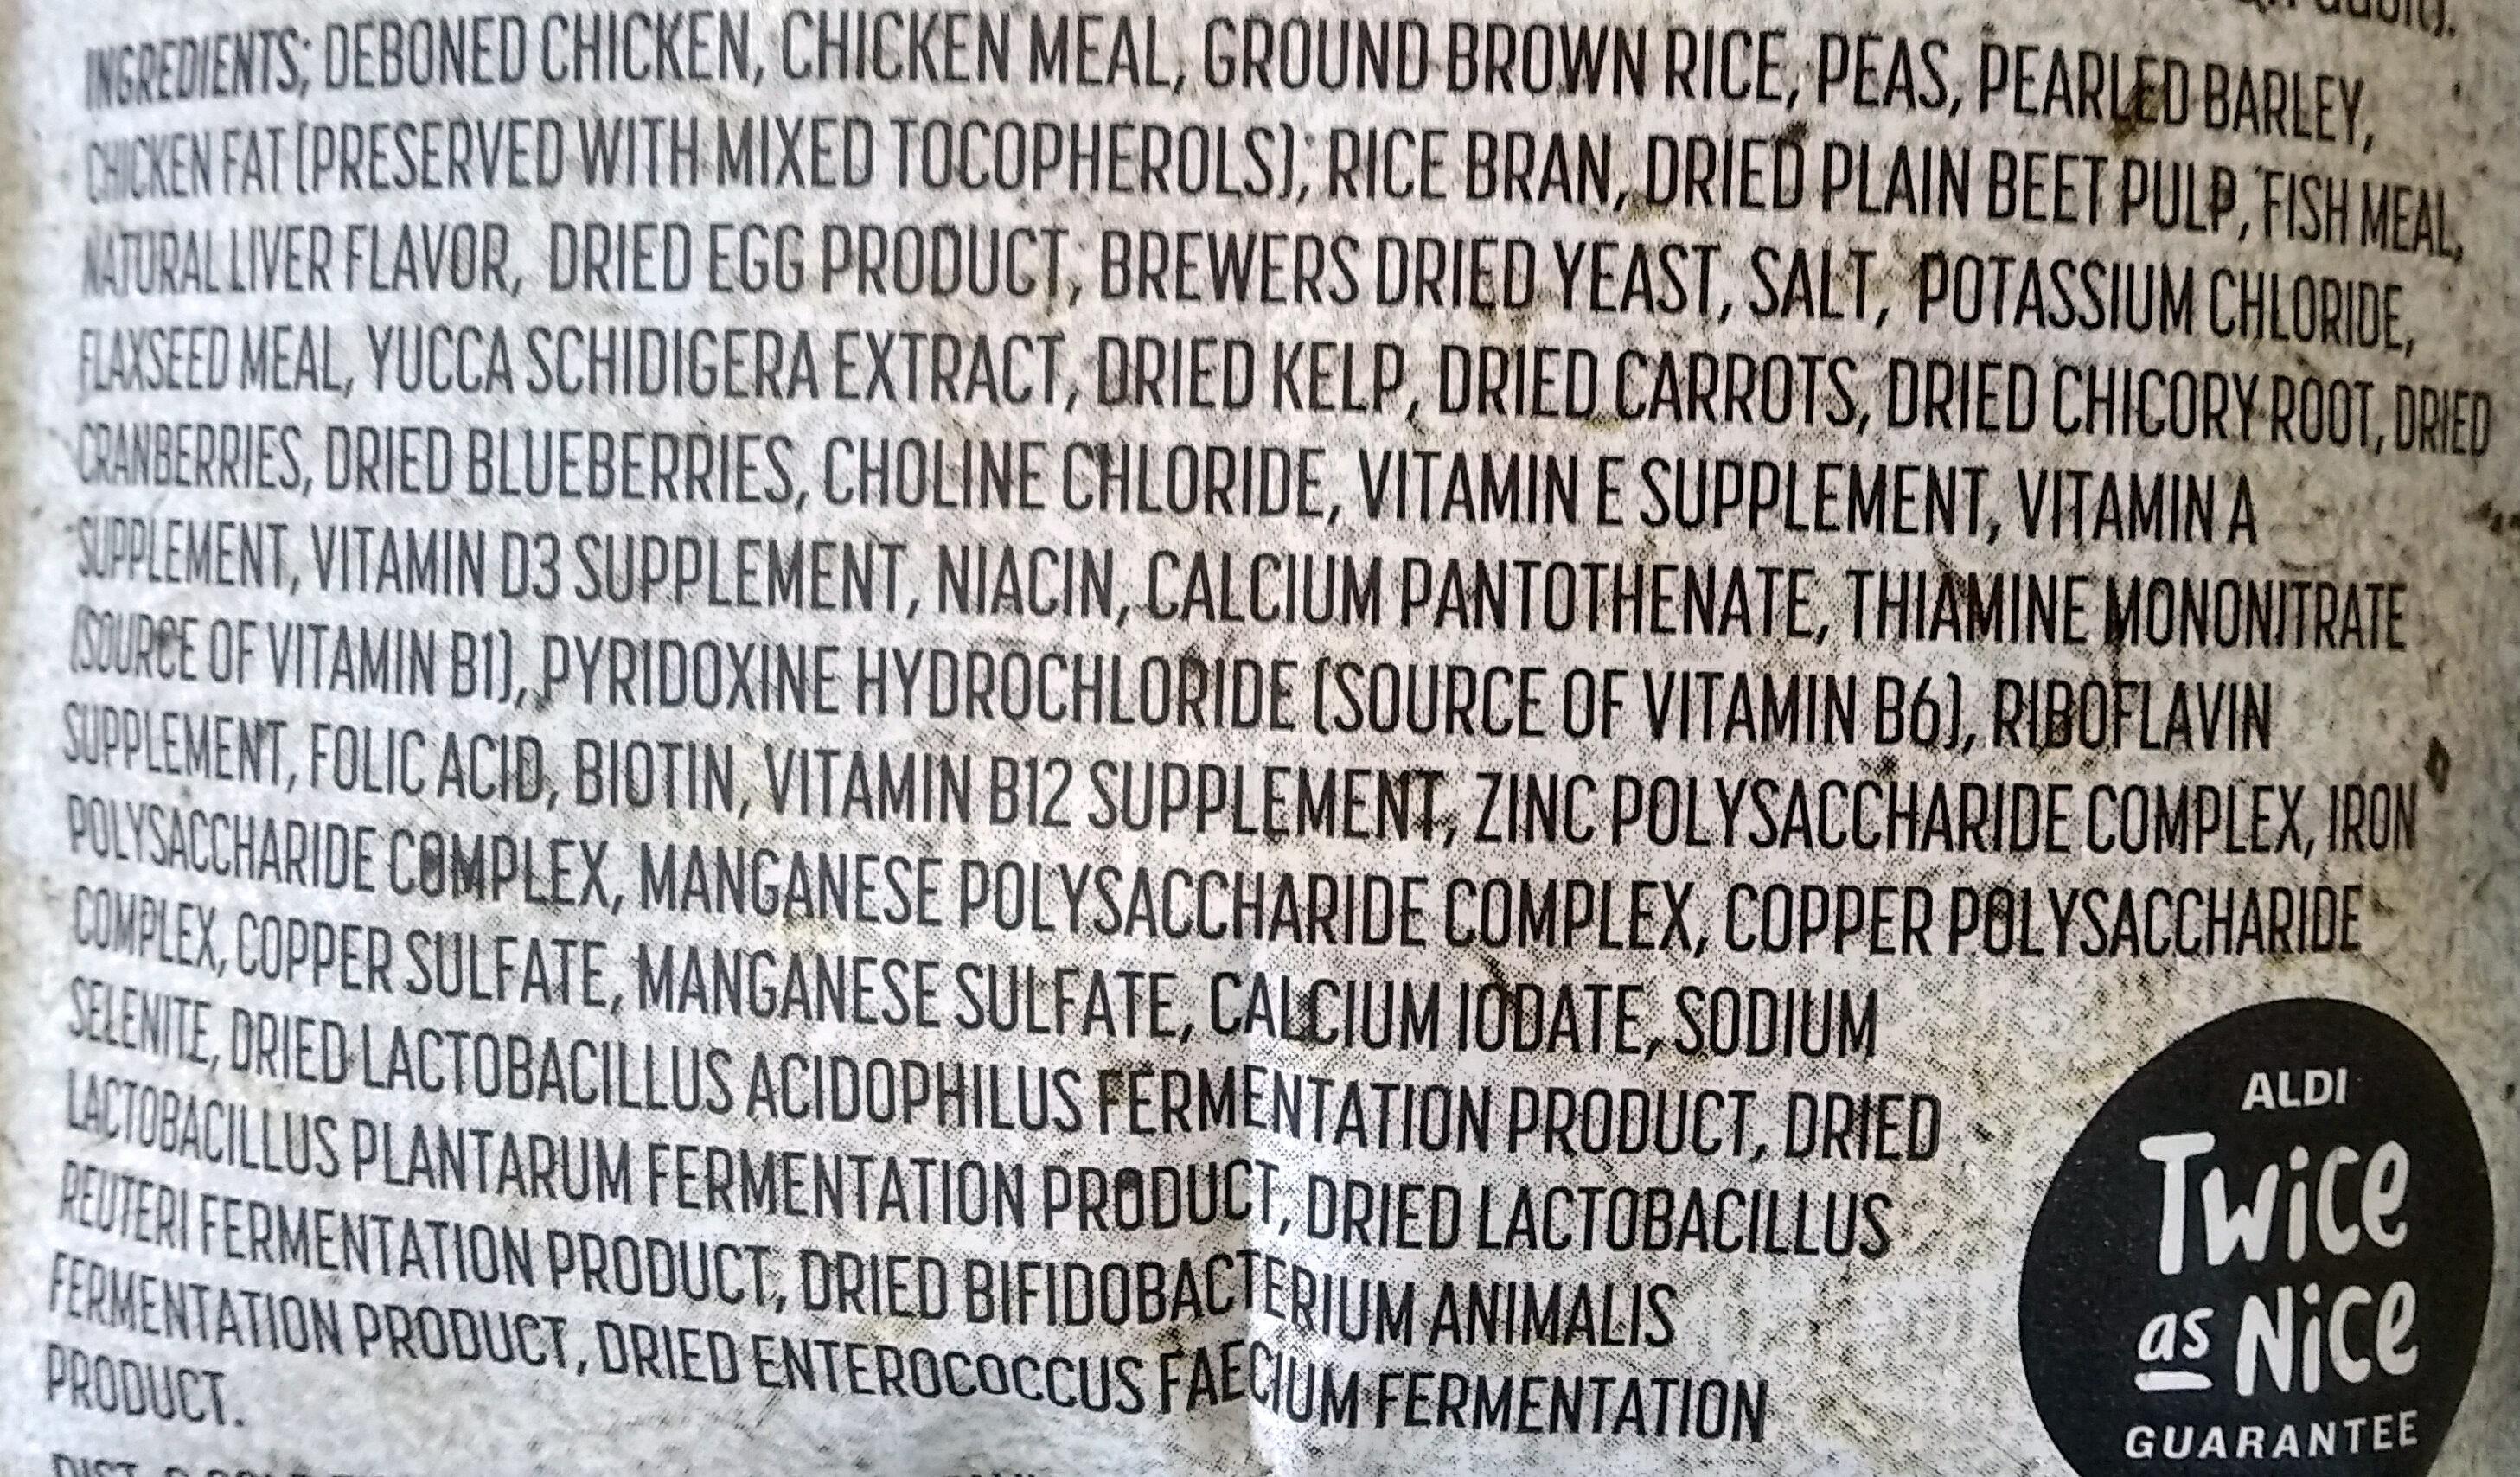 Deboned Chicken and Brown Rice Recipe Dog Food - Ingredients - en